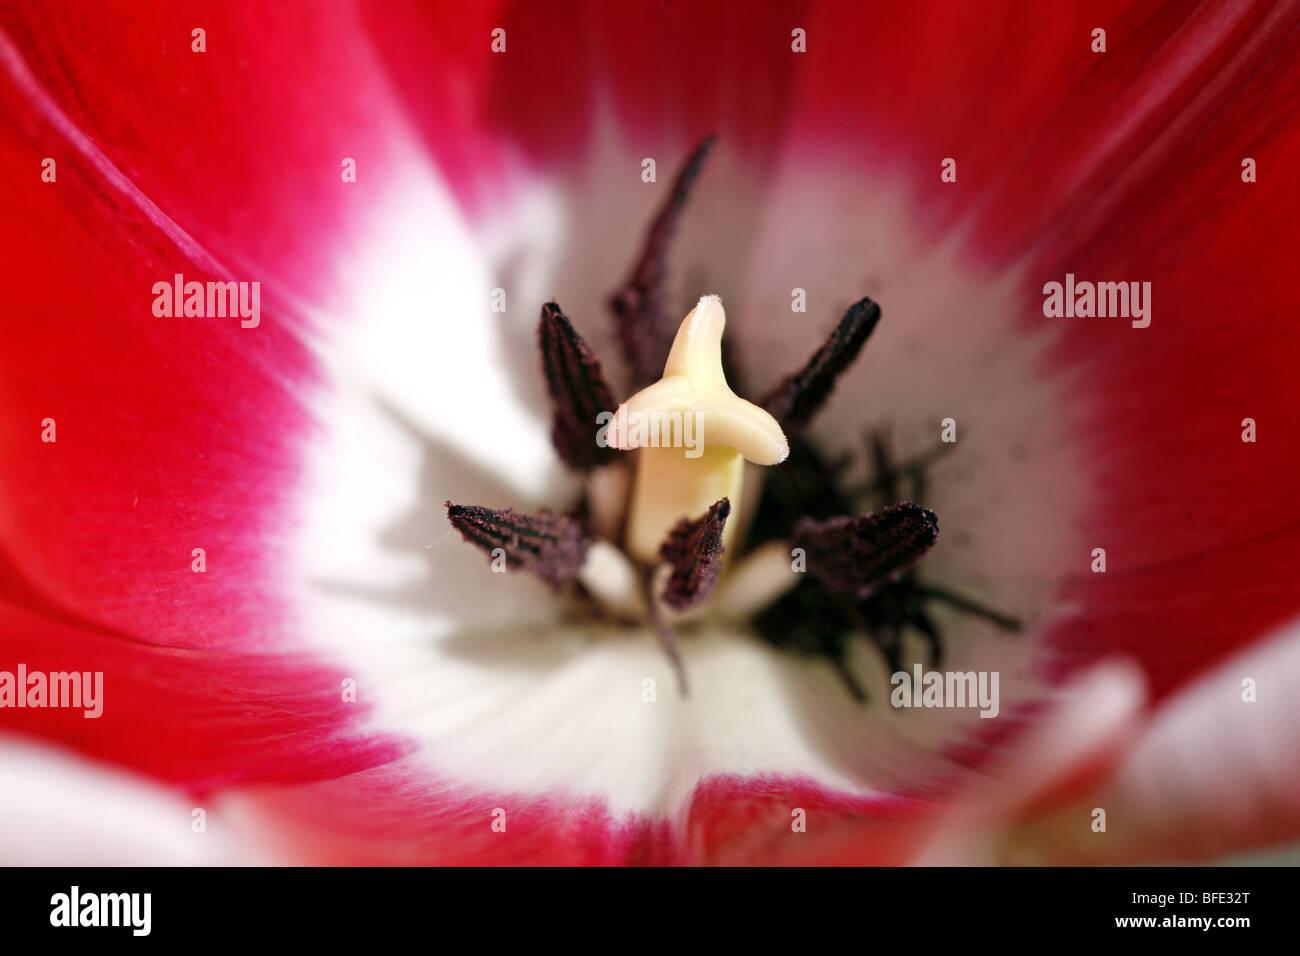 Lampada Fiore Tulipano : Il cade di un rosso e bianco fiore tulipano mostra il stami e